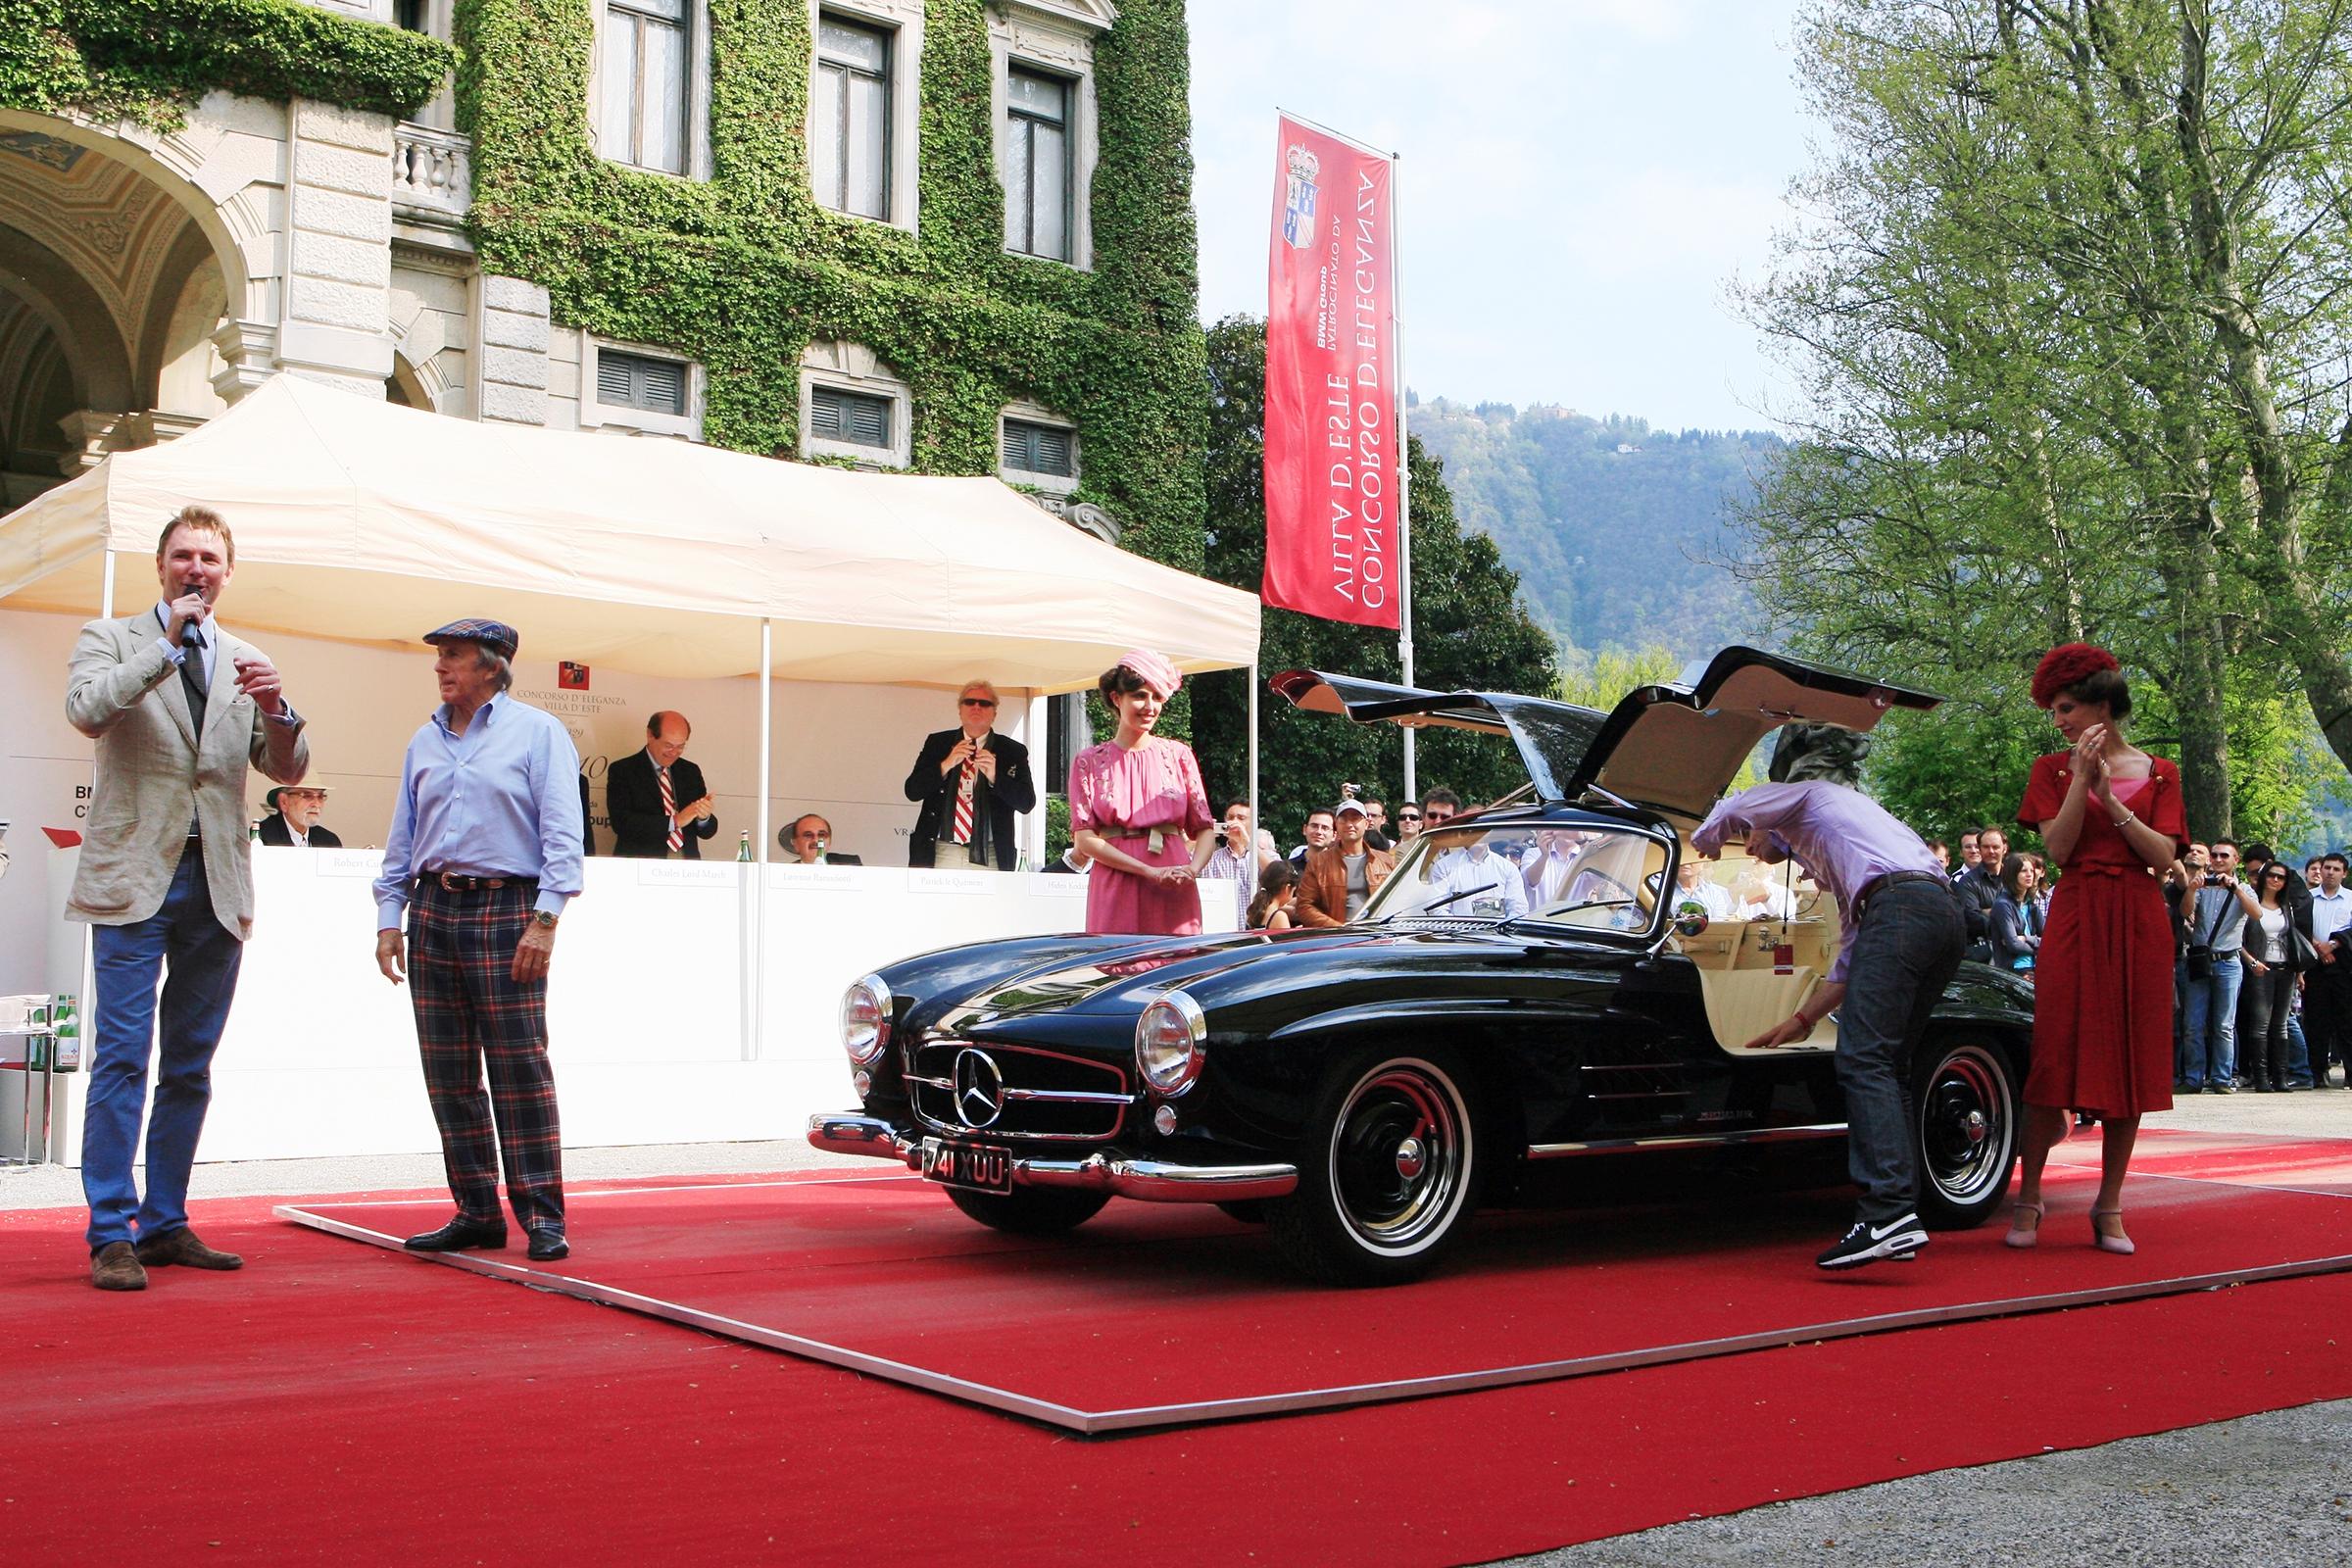 Sunday Moods  - Sir Jackie Stewart at the parade at Villa Erba